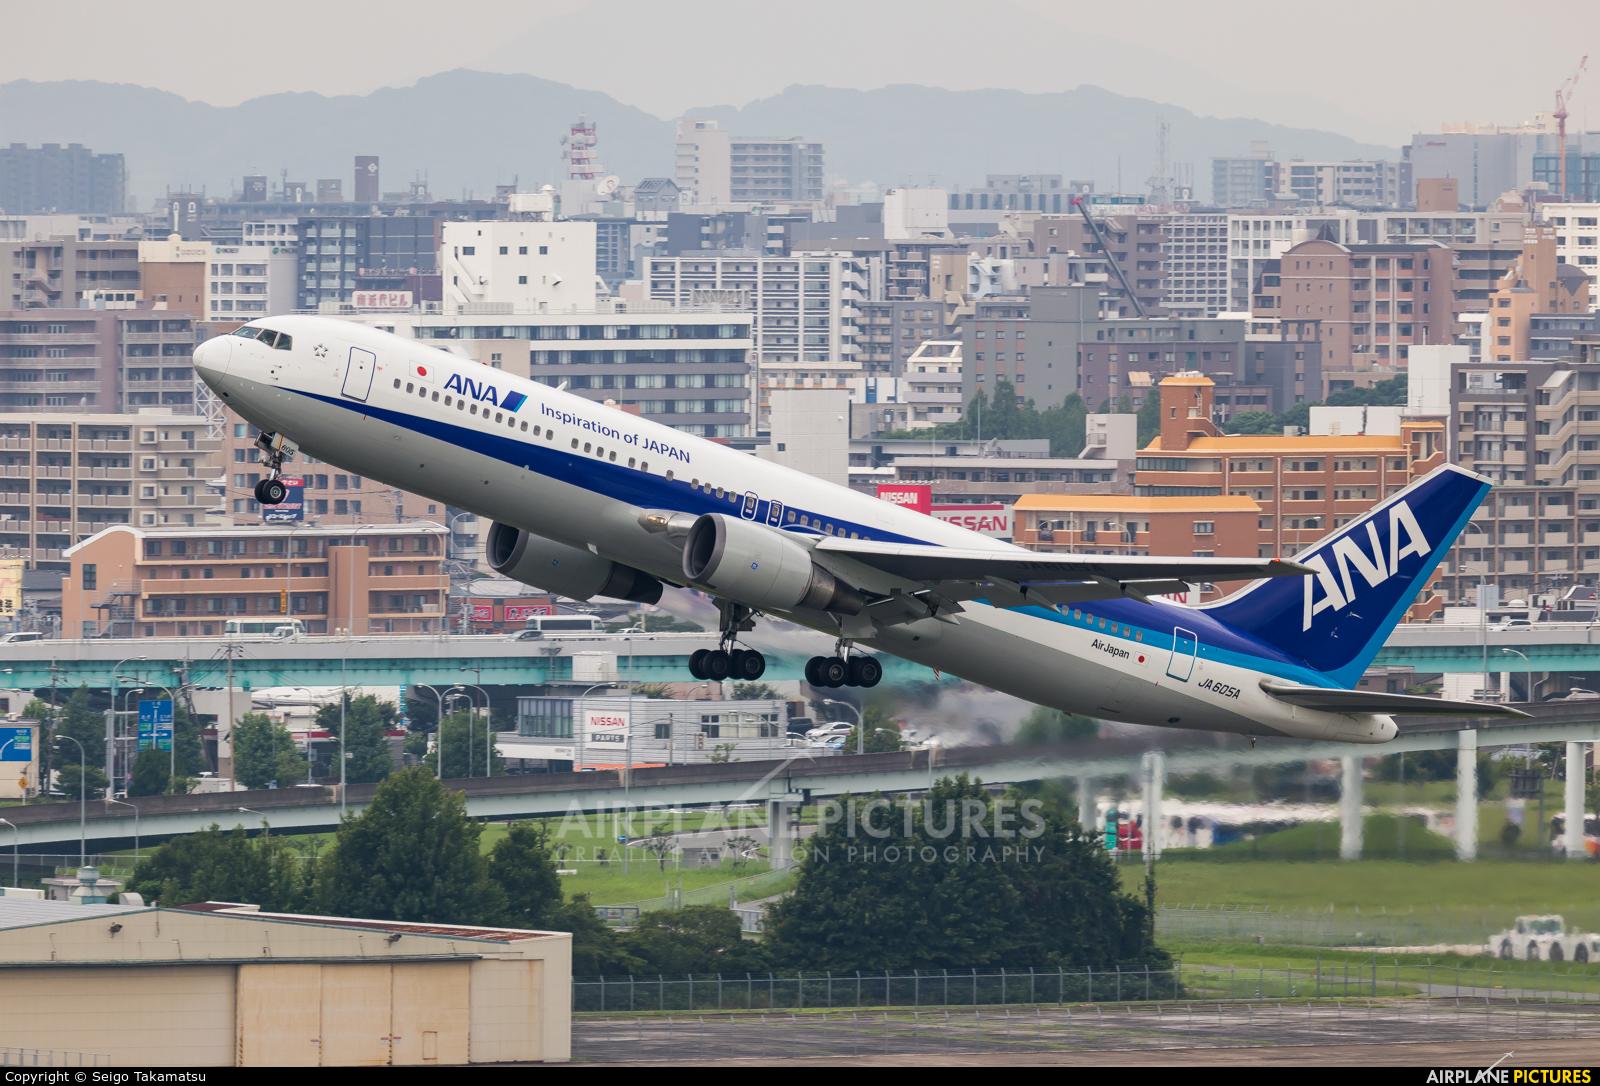 ANA - All Nippon Airways JA605A aircraft at Fukuoka